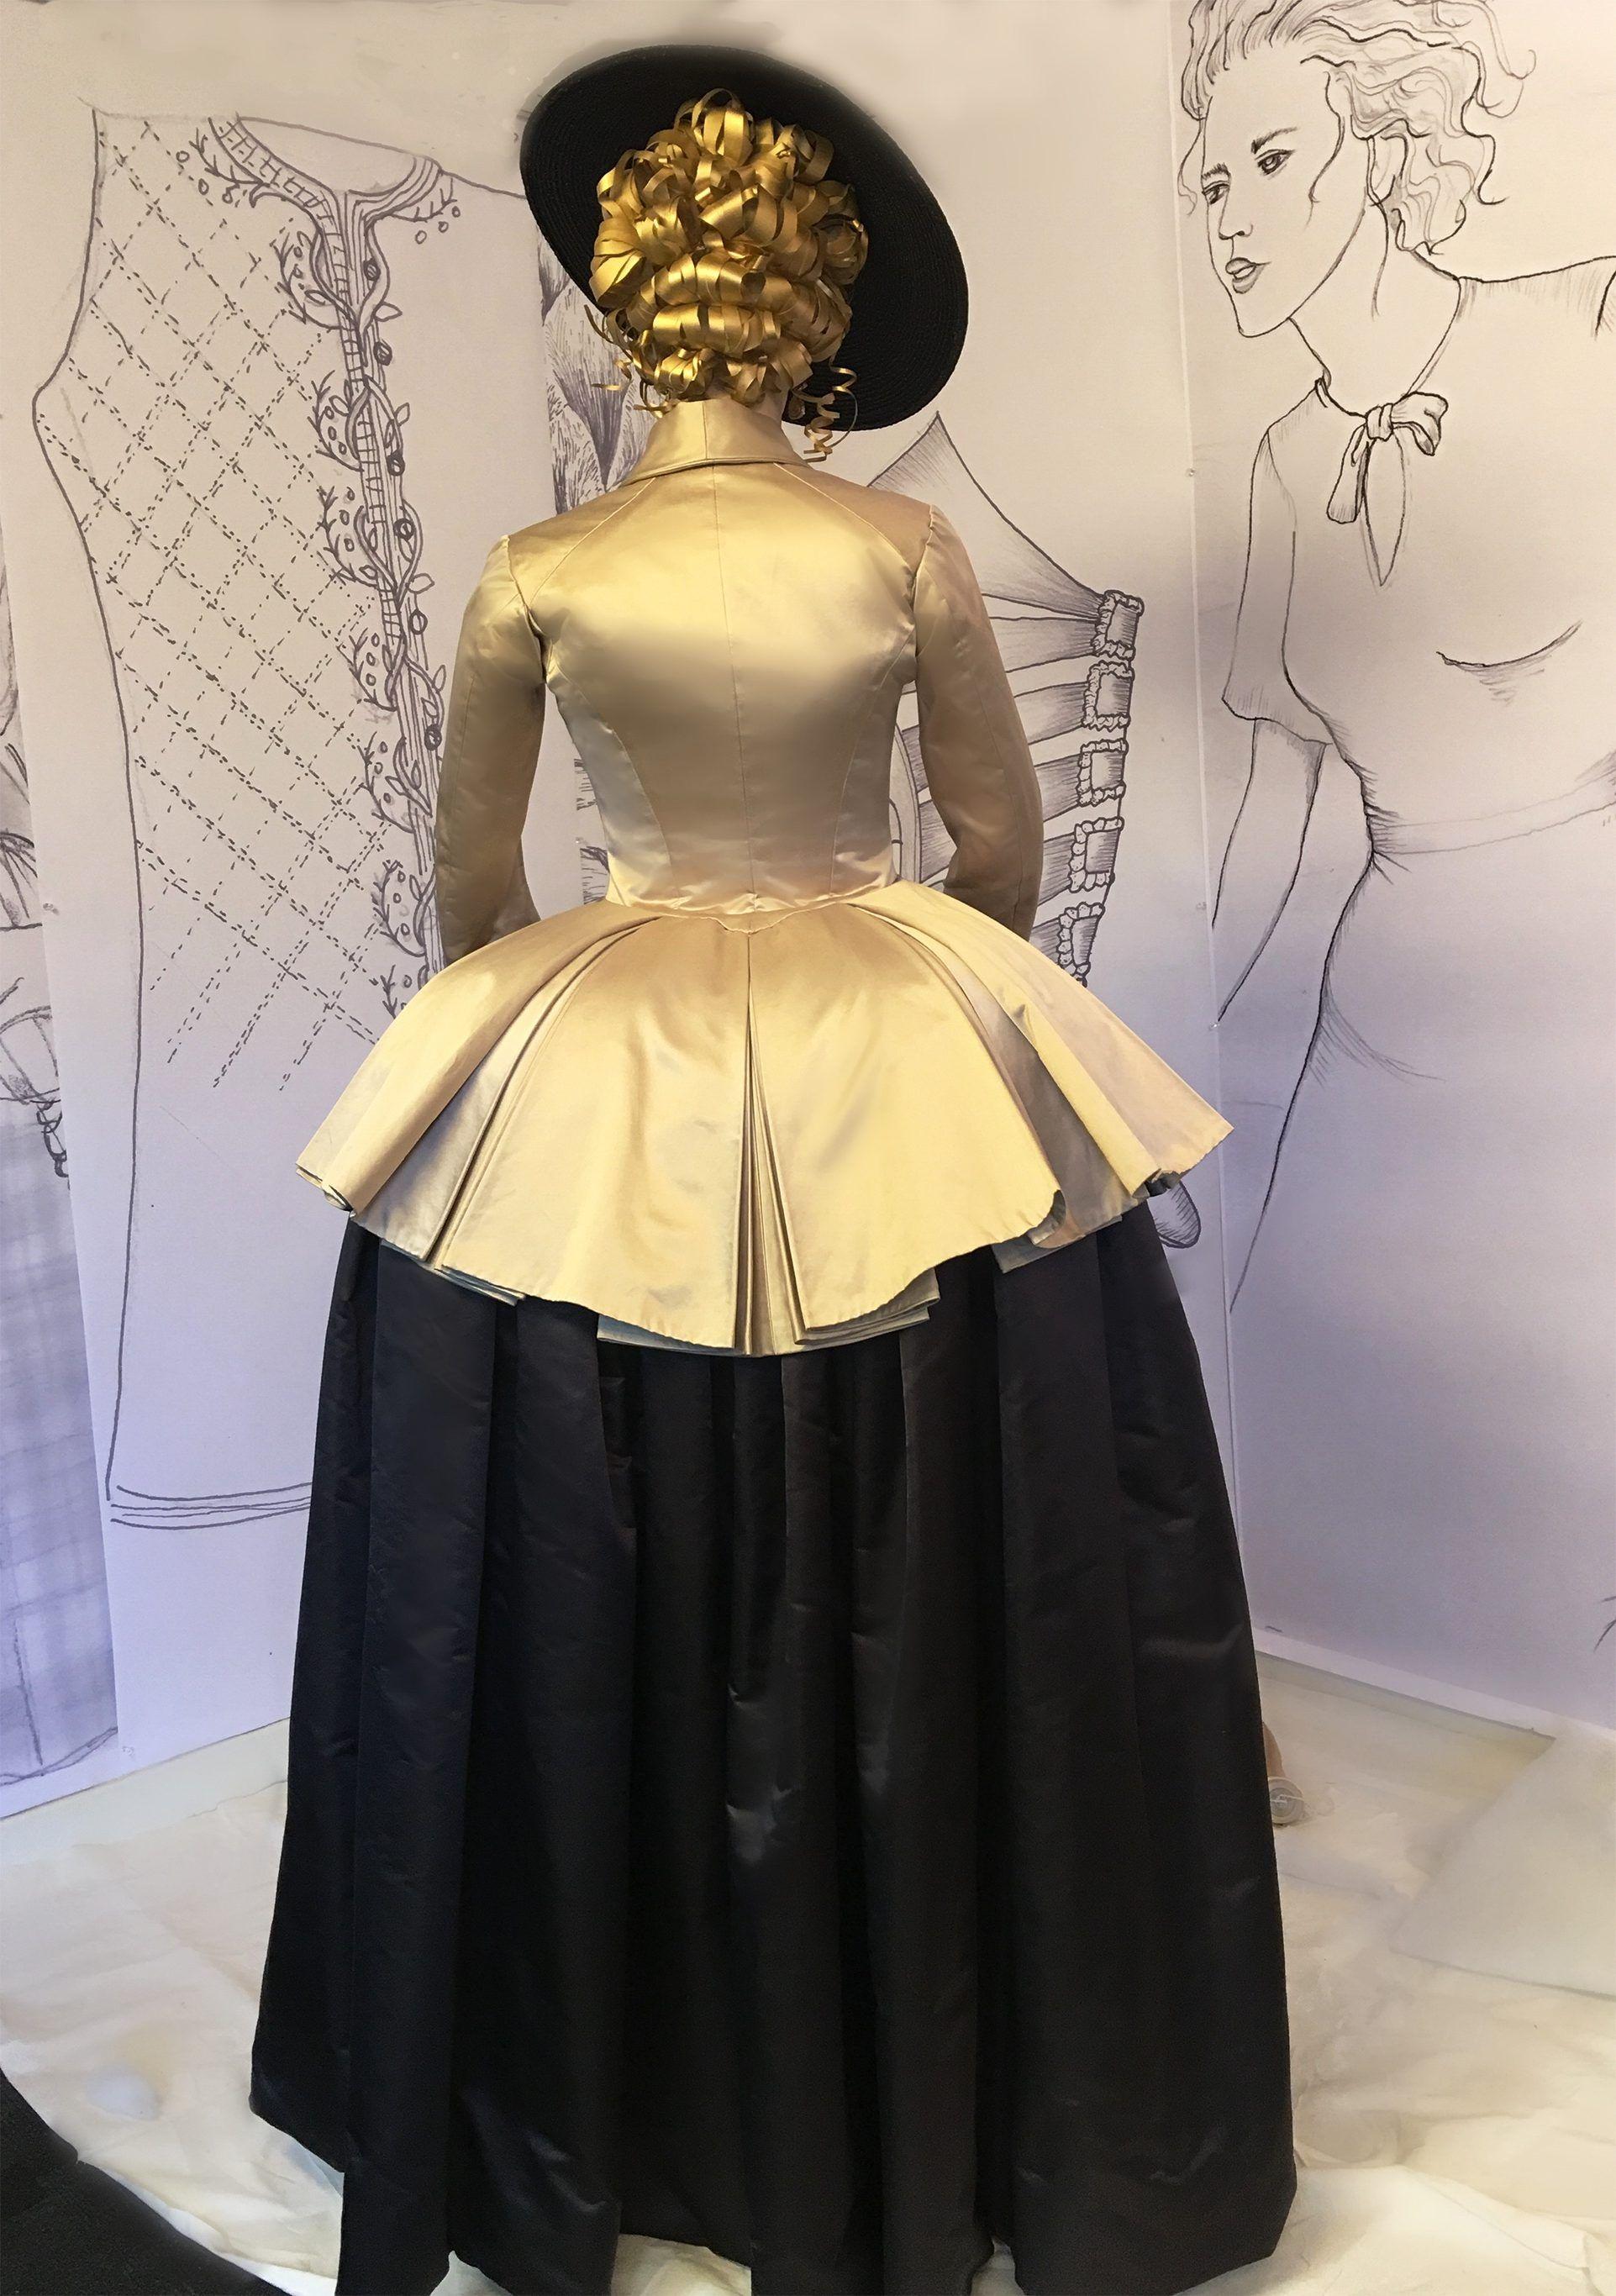 Pin von Donna Antaramian auf Outlander Costumes - Season 2 | Pinterest